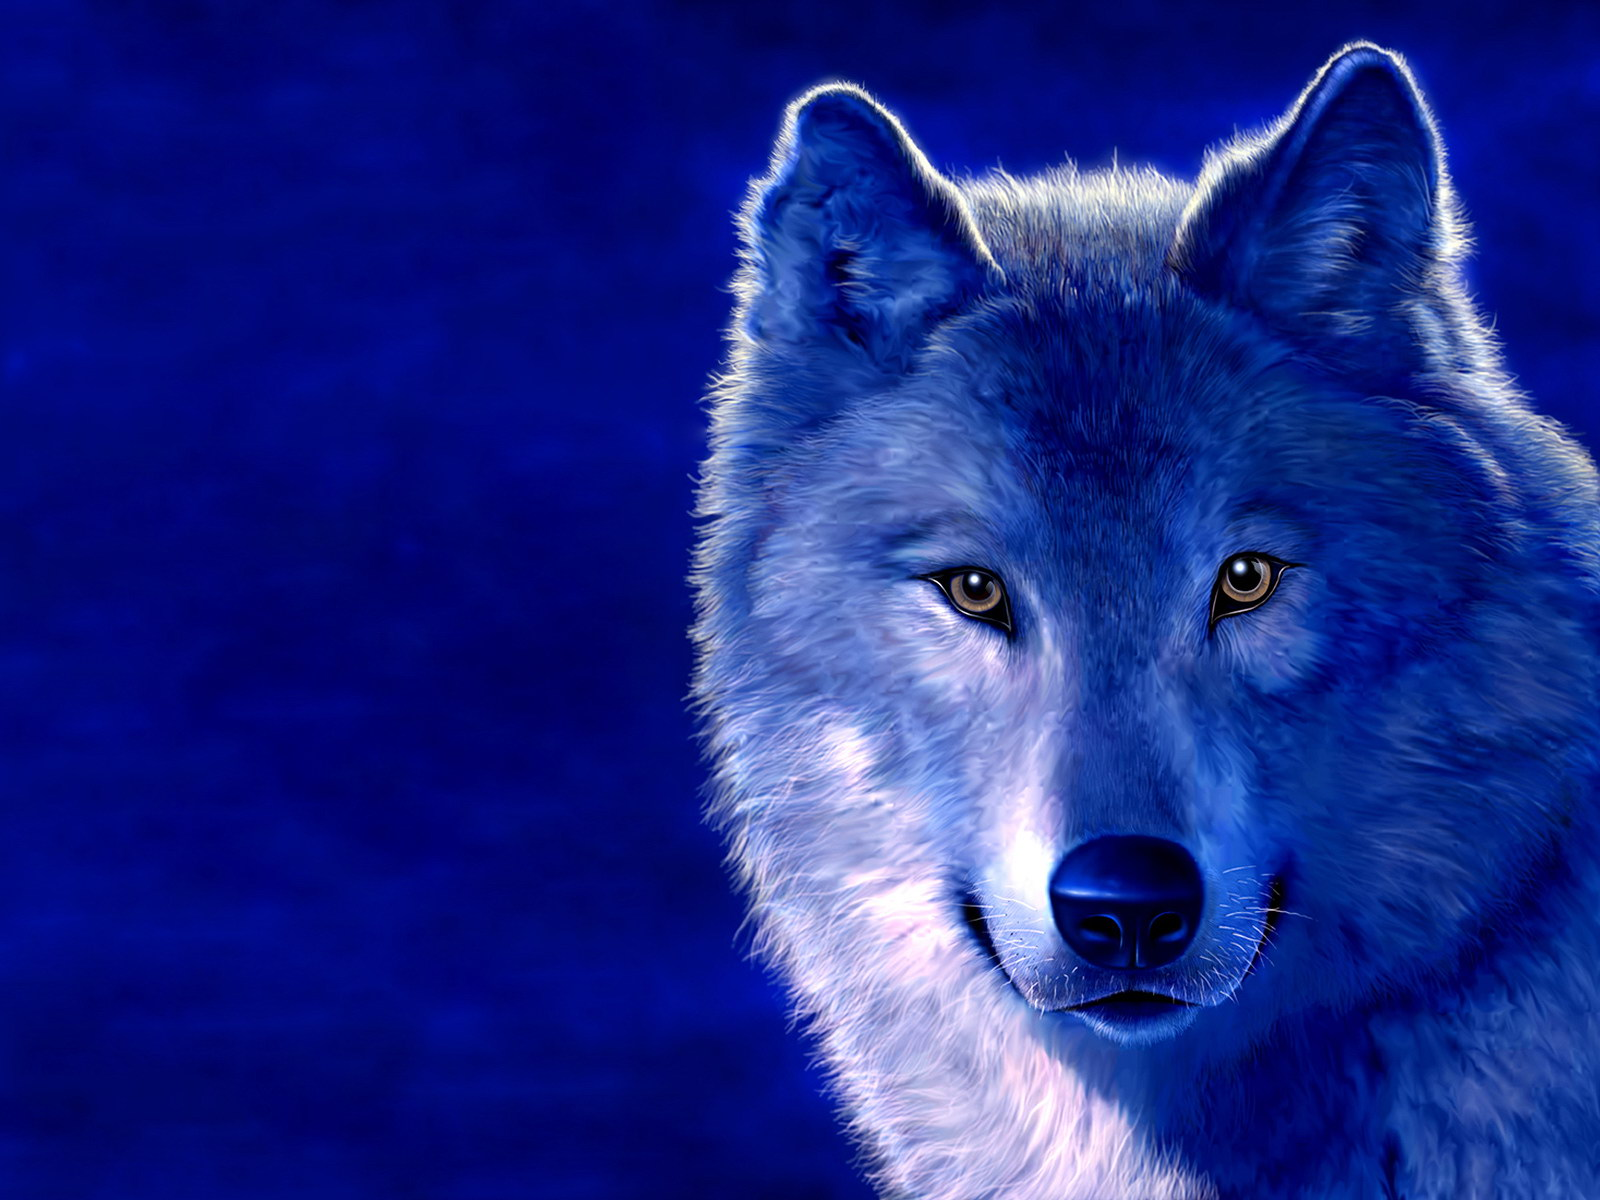 картинки про волков на телефон древнее женское